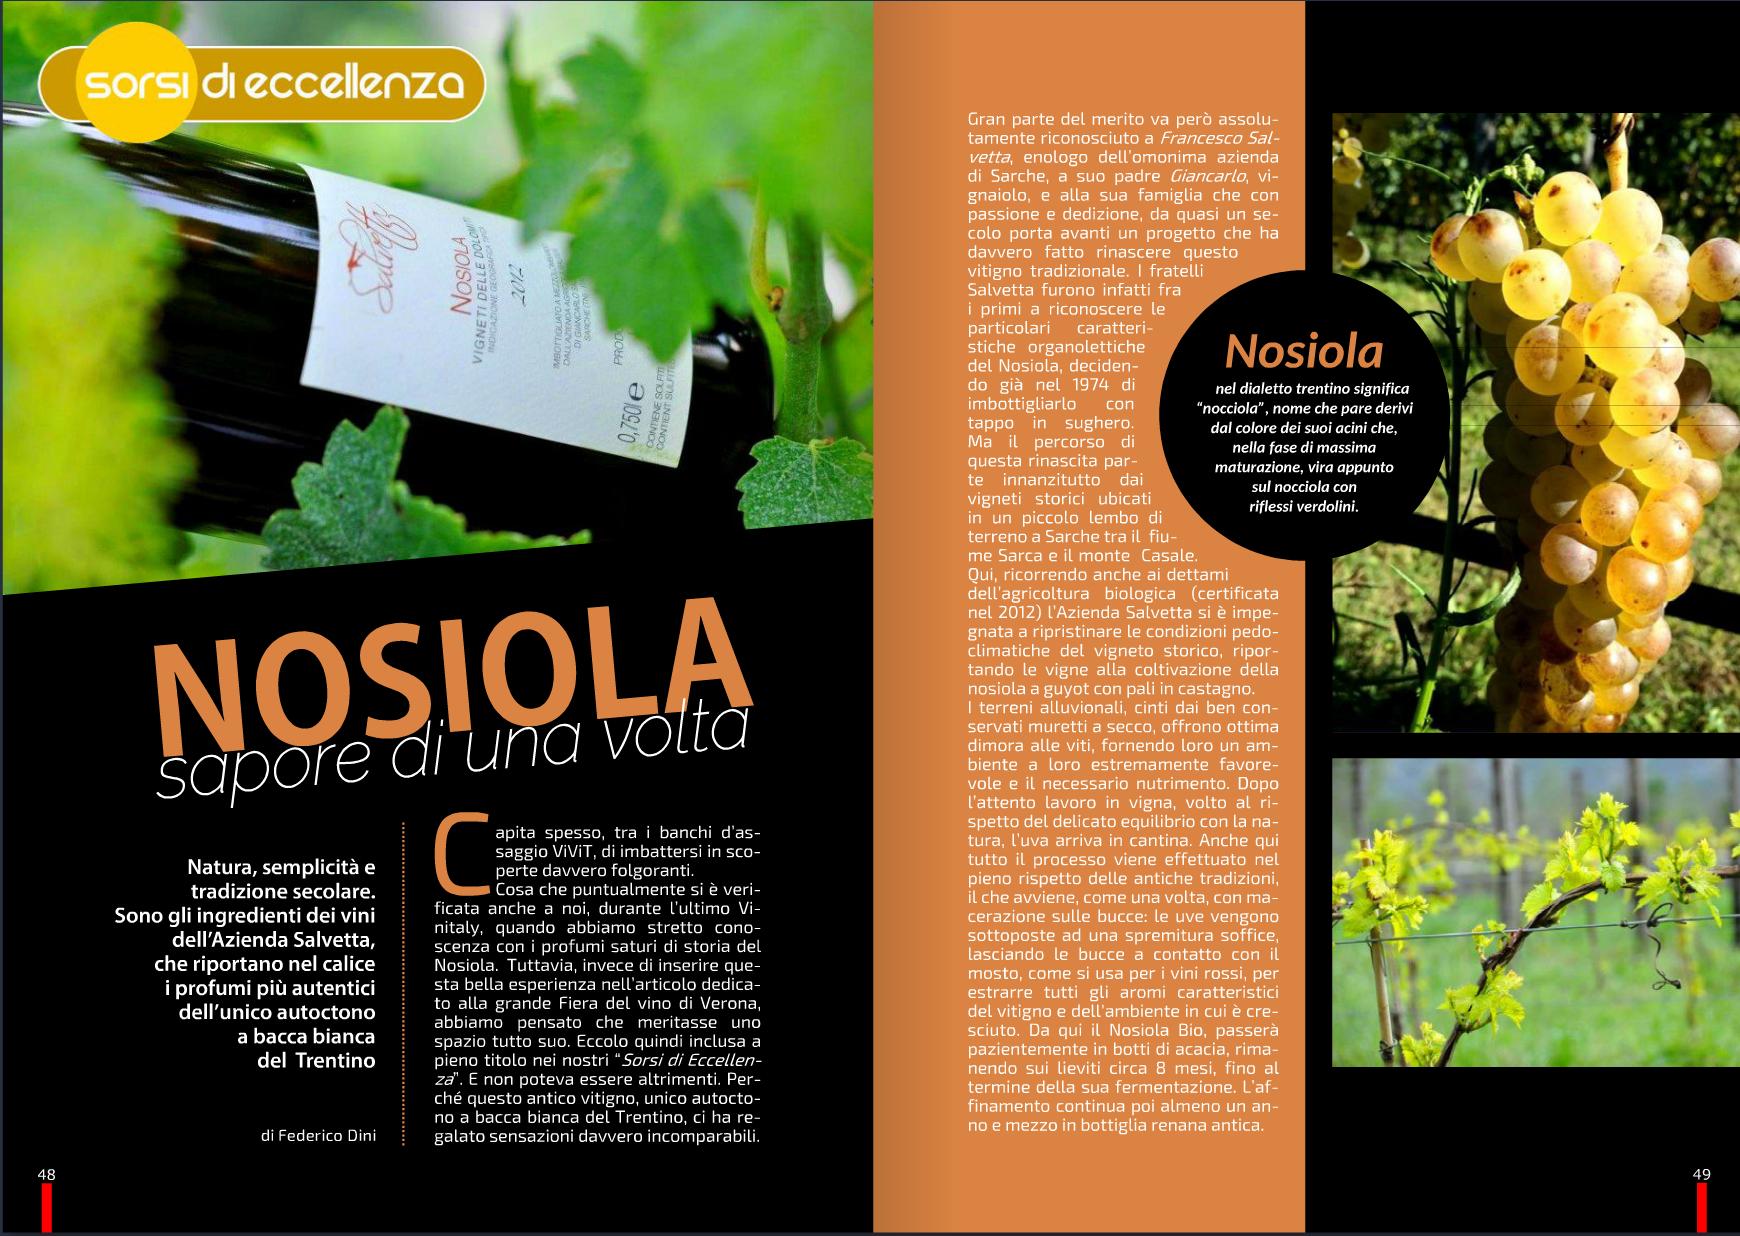 Pagina di una rivista dedicata al Nosiola